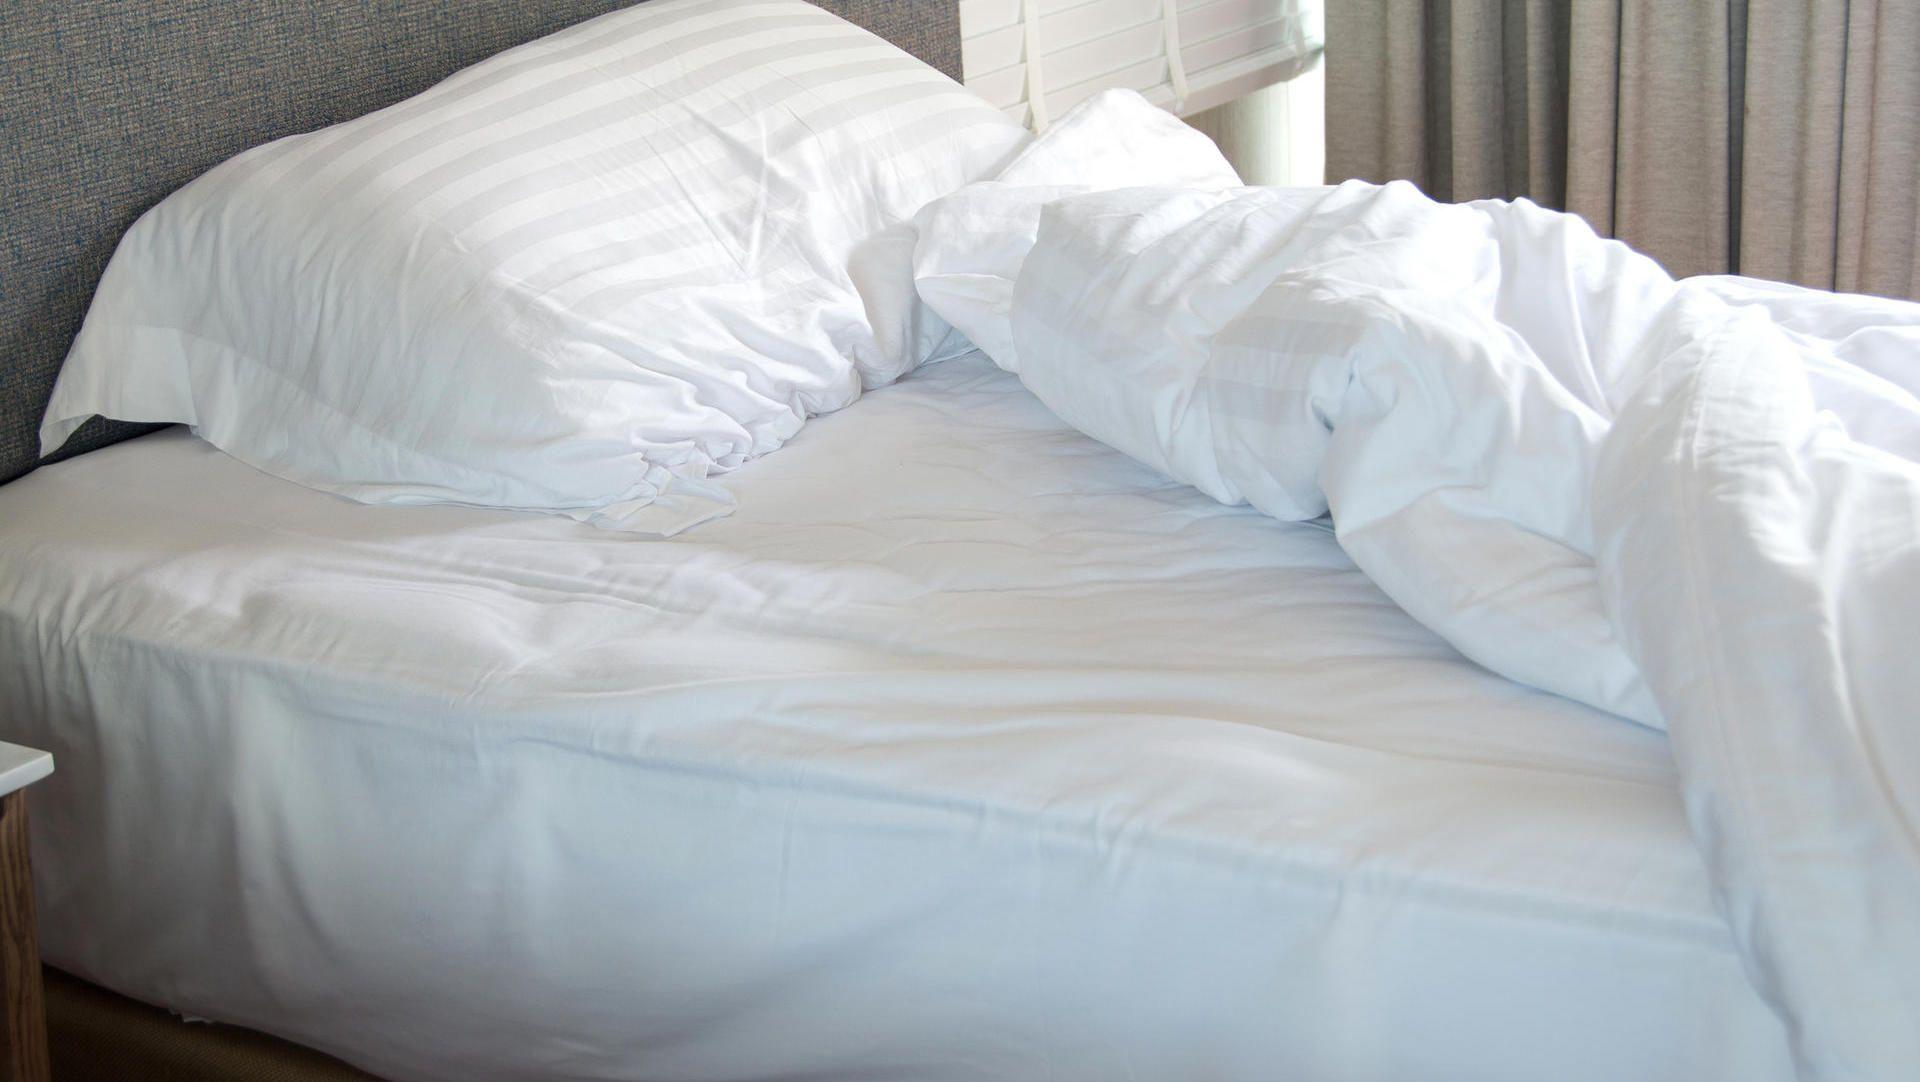 Warum Sie Ihr Bett Besser Nicht Machen Sollten Wohnen Matratze Hausstaubmilben